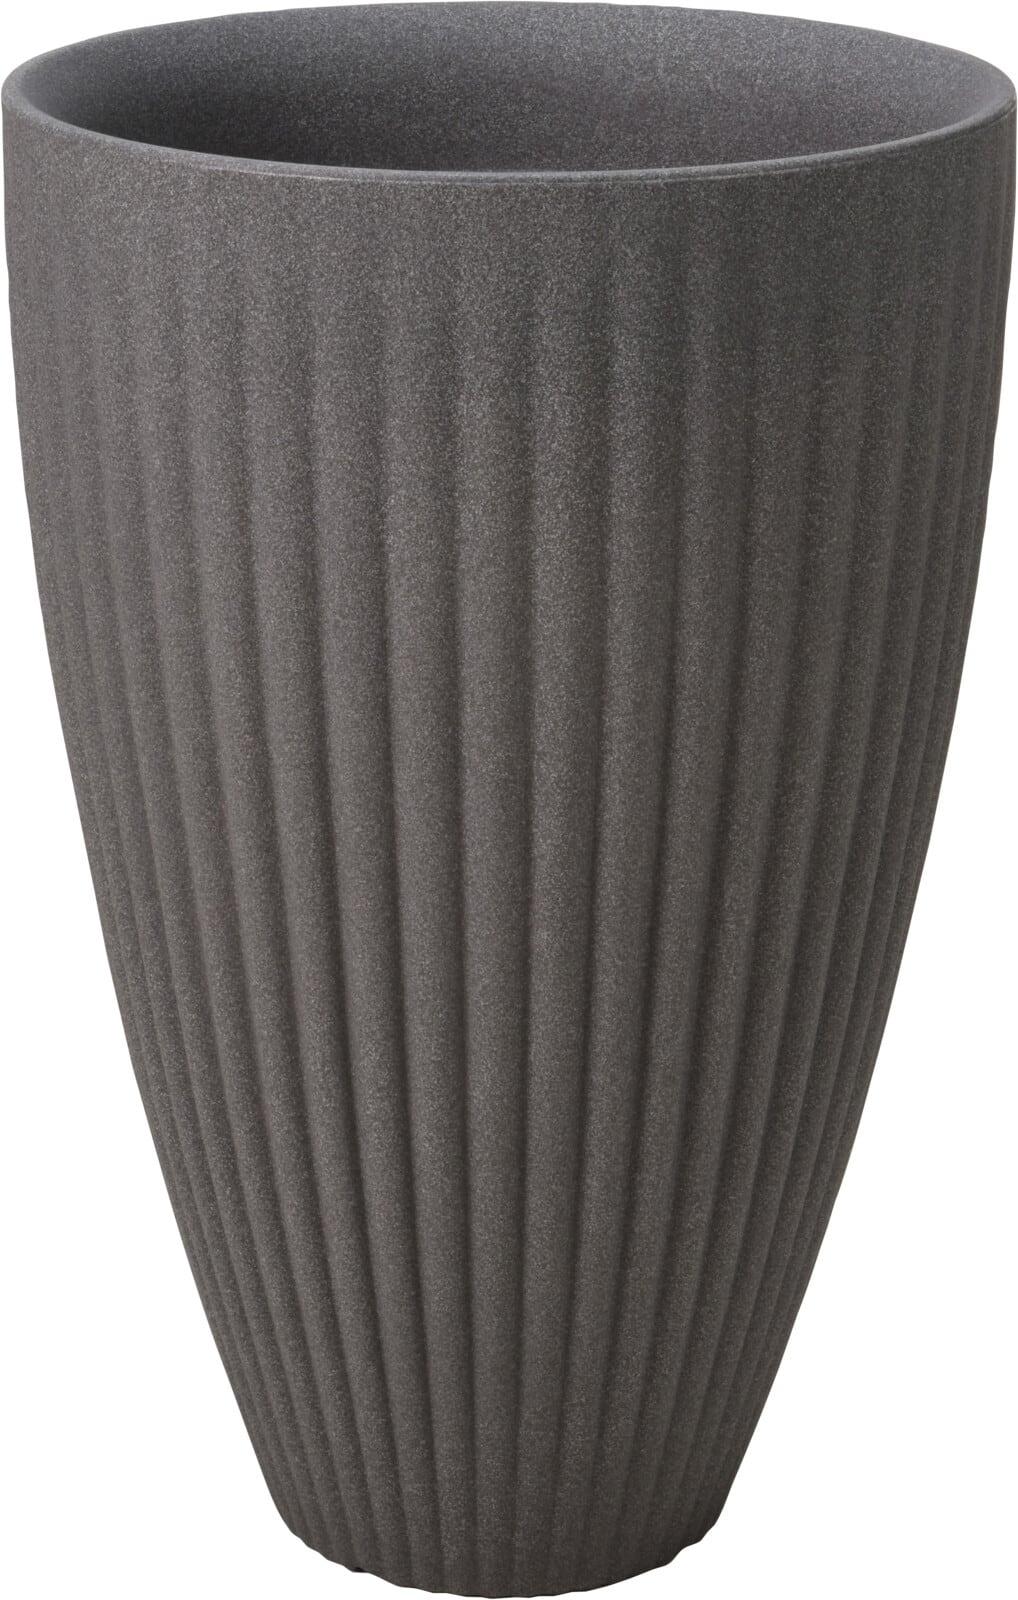 4Goodz Bloempot Rond voor buiten Rome hoog - 40x60 cm - Grijs